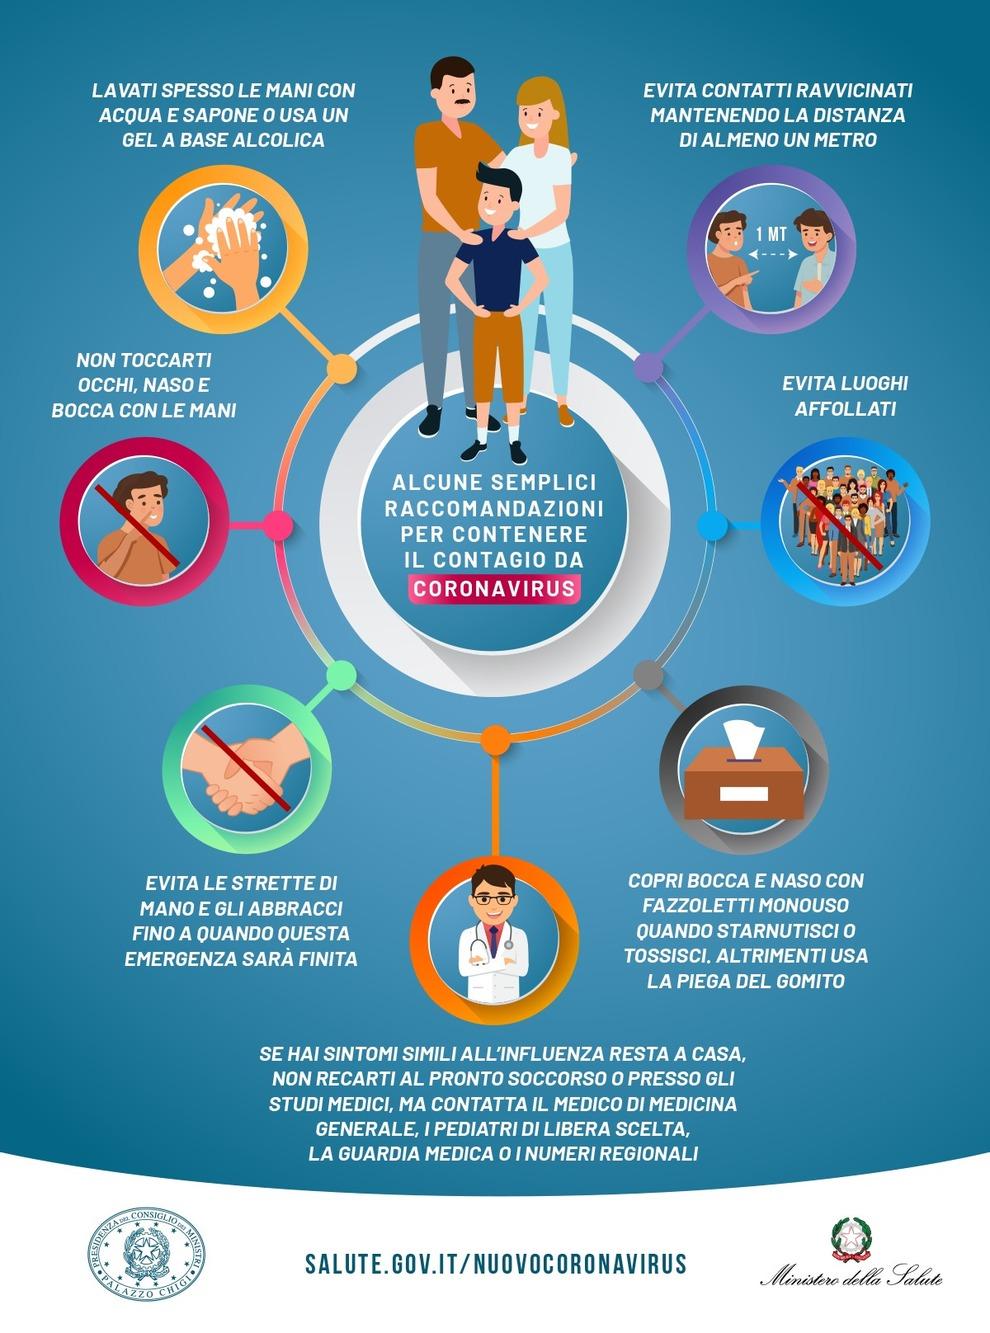 Coronavirus Ecco Le Linee Guida Del Ministero Della Salute Per Contenere Il Contagio